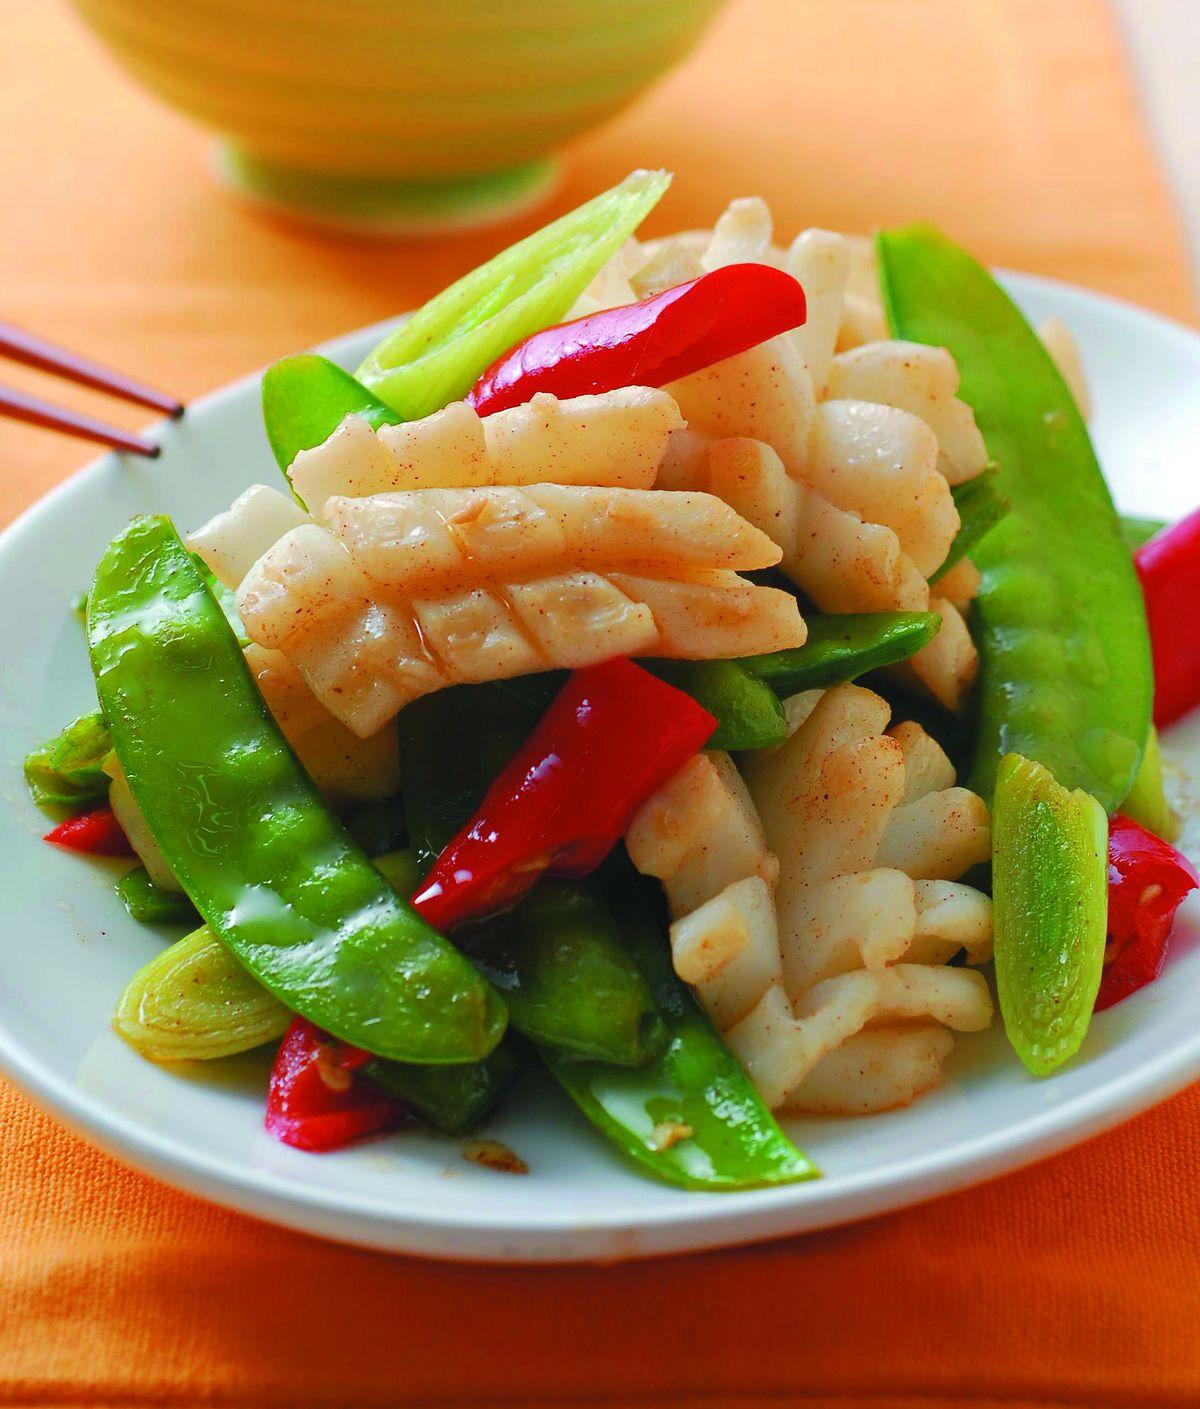 食譜:豌豆炒花枝